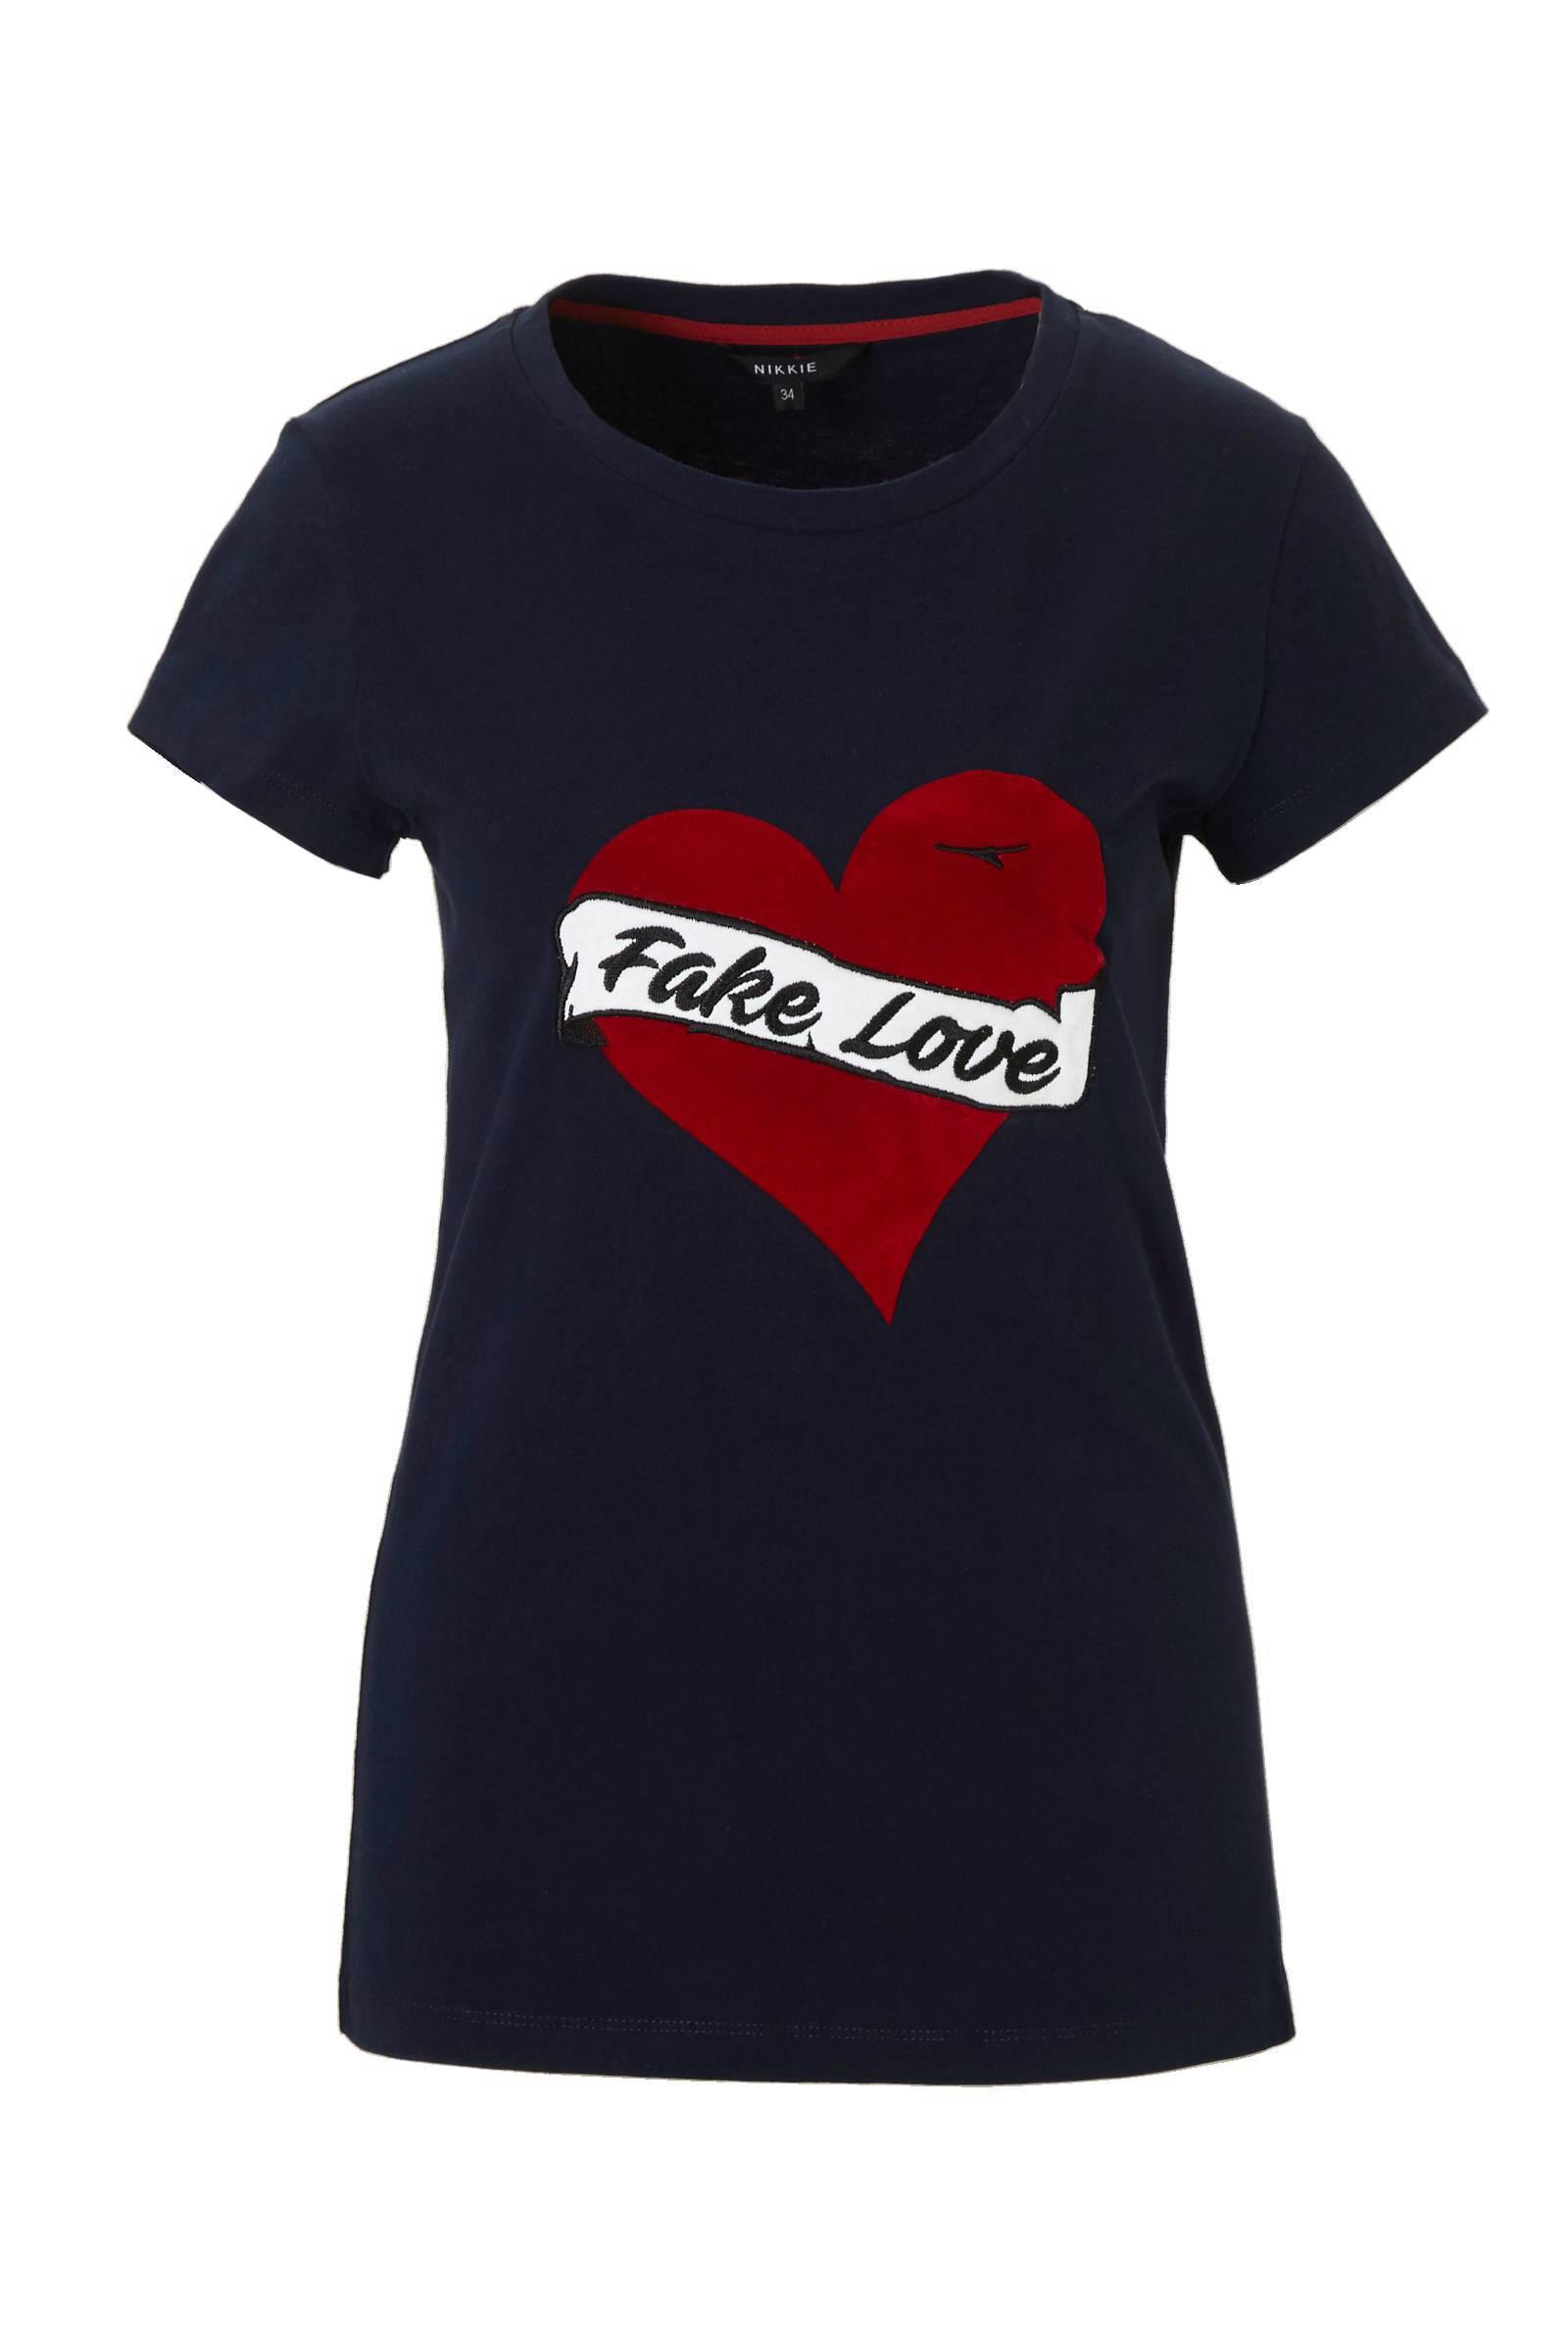 Fake Love T shirt